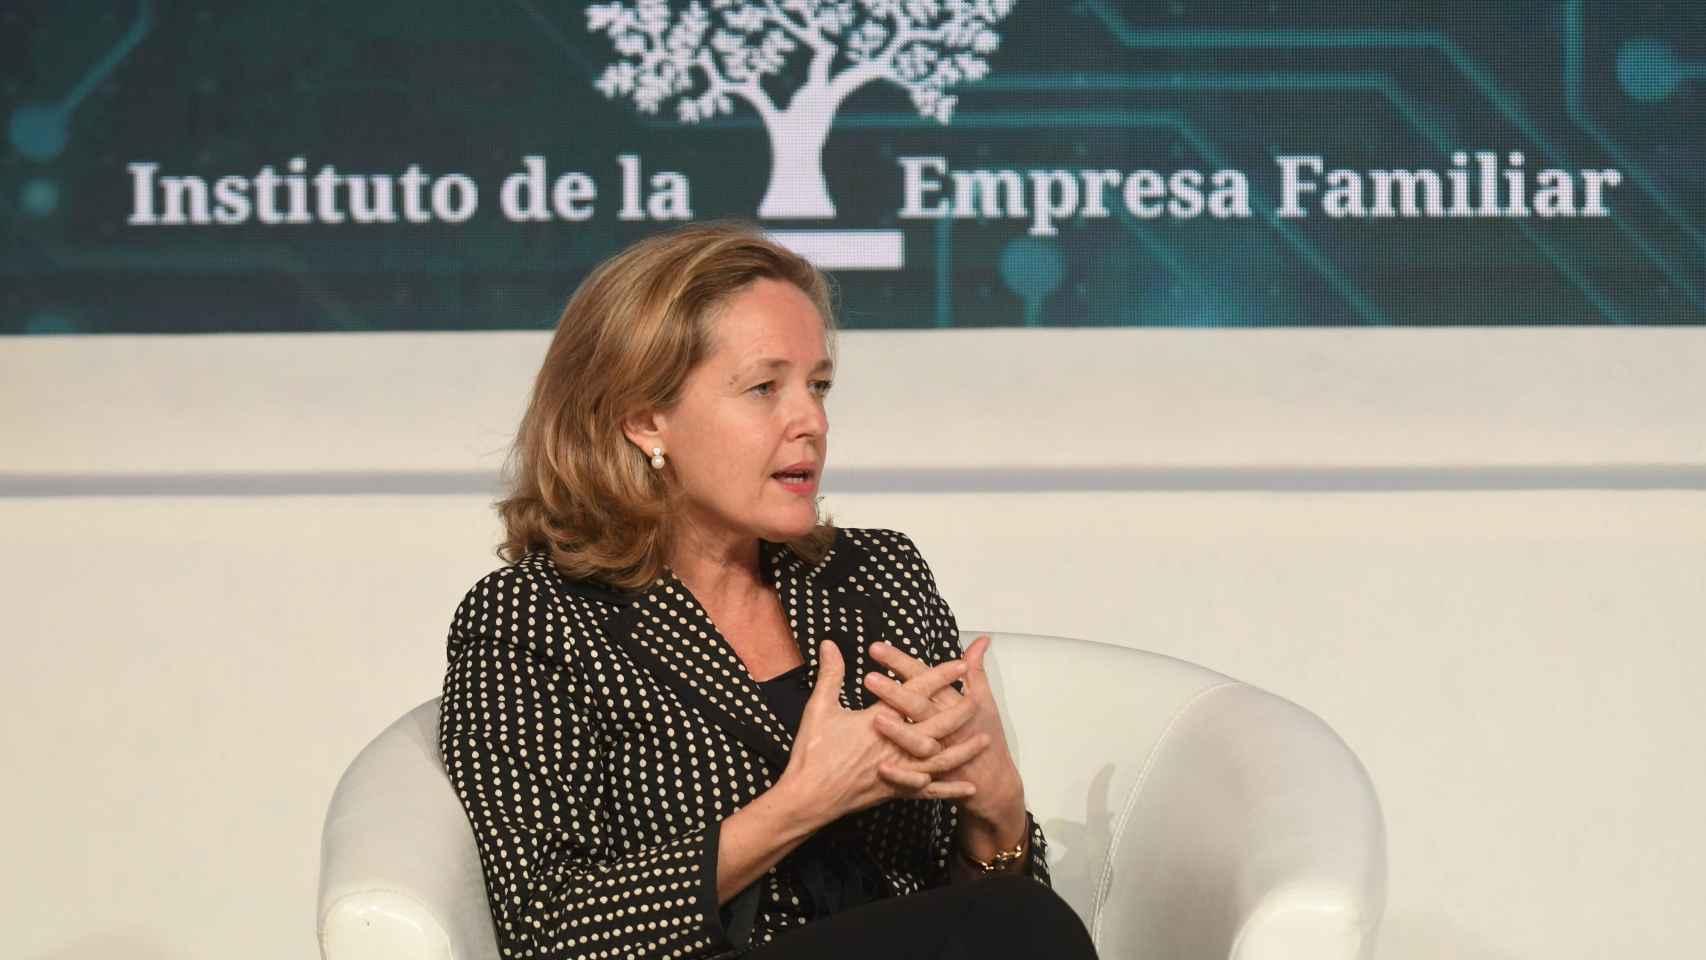 La empresa familiar pide a Calviño que el Gobierno no ponga trabas a las empresas mientras no baje el paro